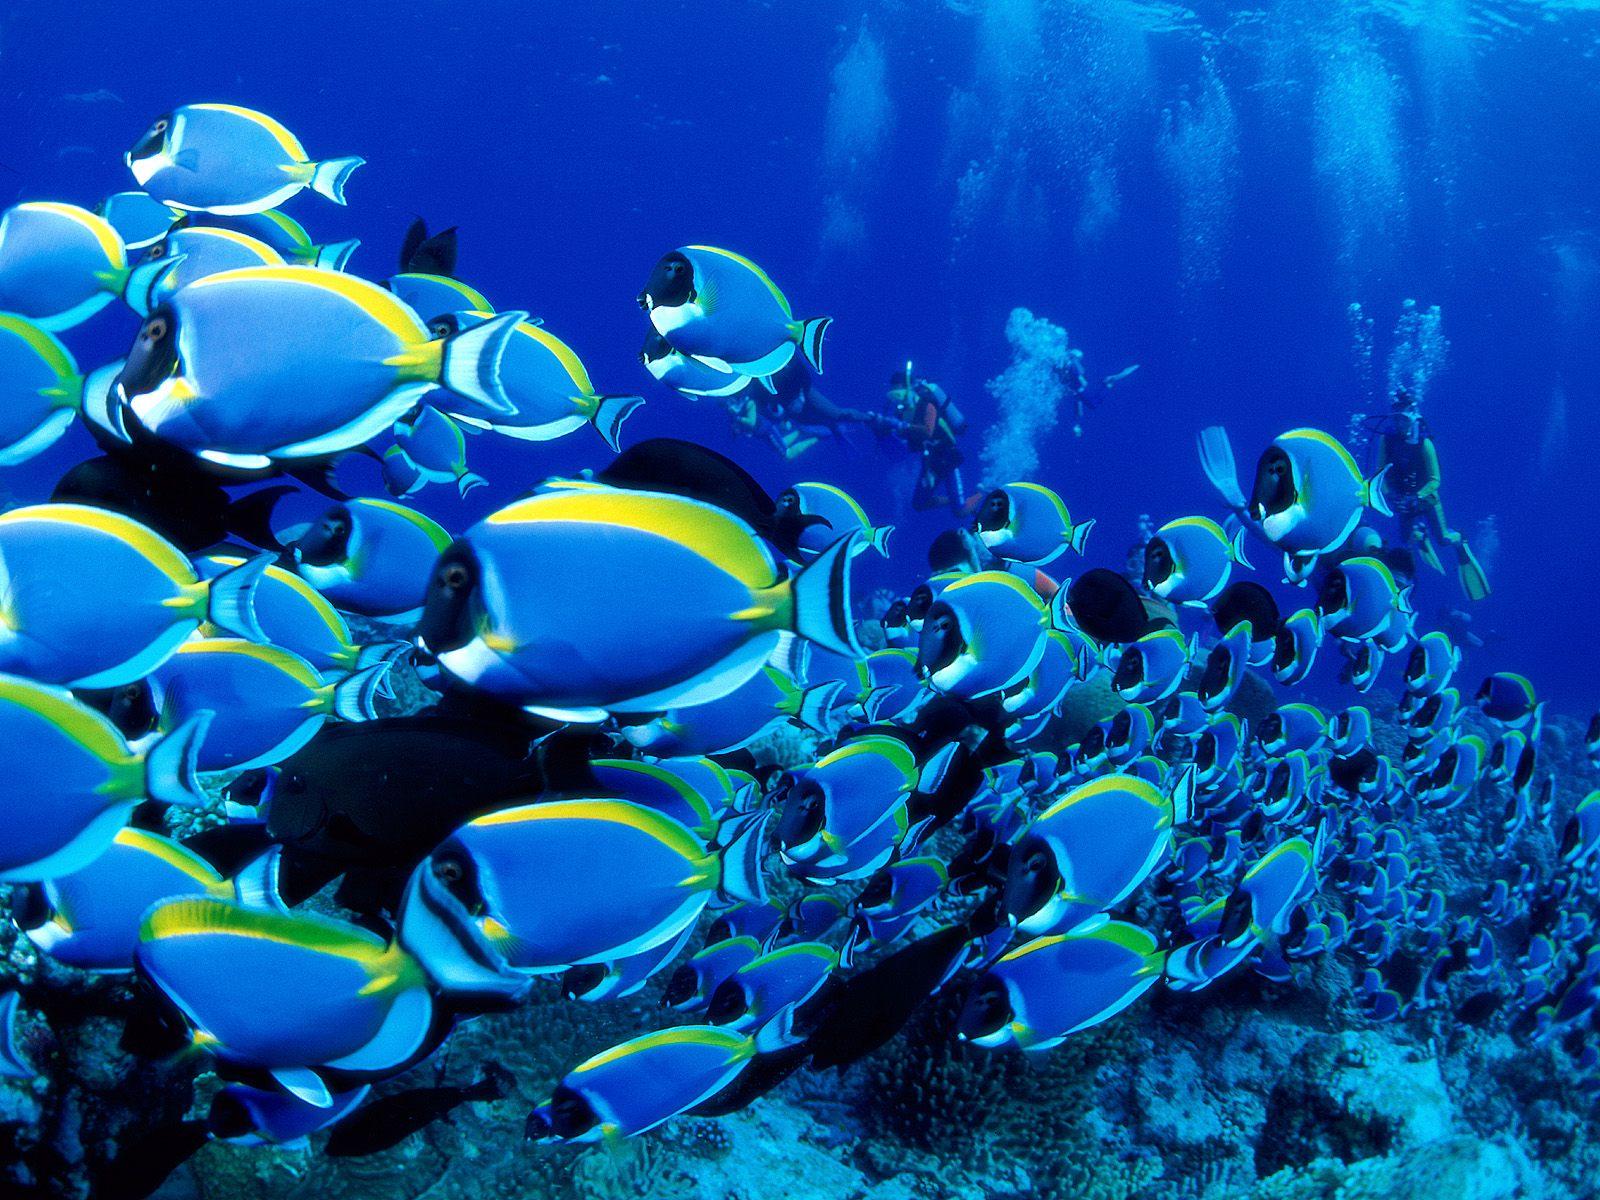 ocean underwater saltwater fish powder blue tang fish sea wallpaper 1600x1200